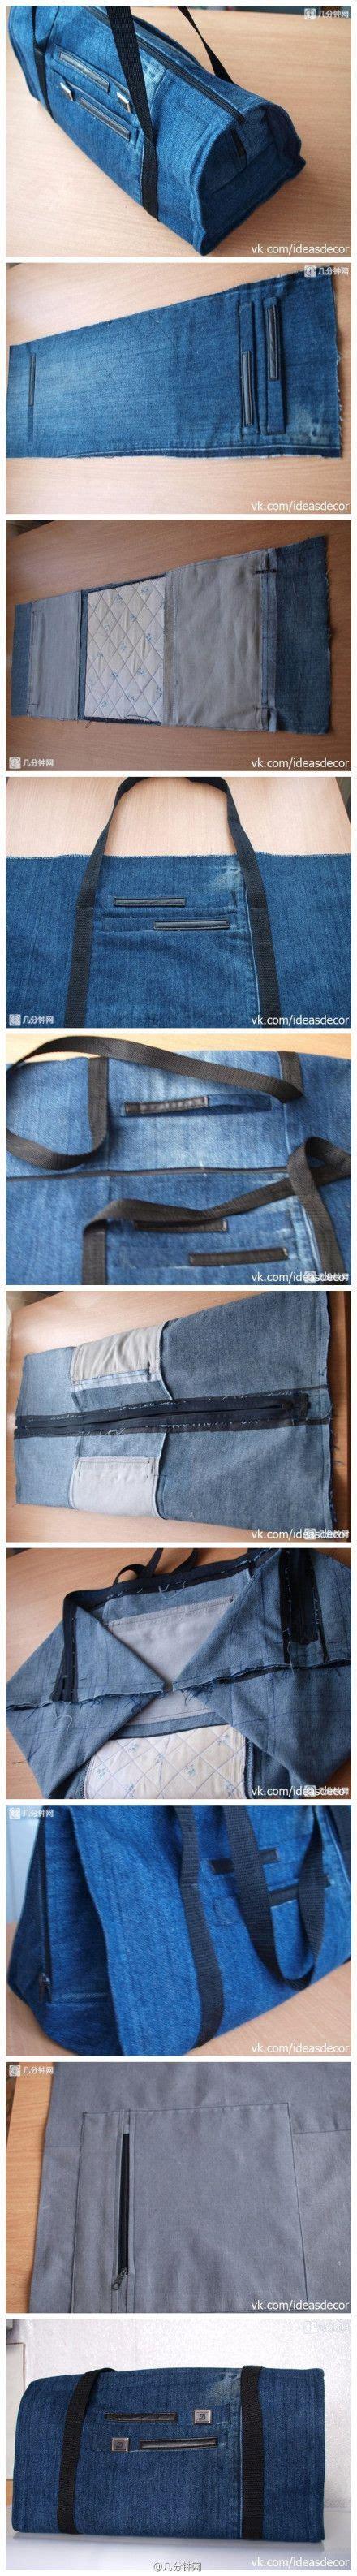 tutorial tas dari celana bekas tutorial cara membuat tas dari baju celana bekas